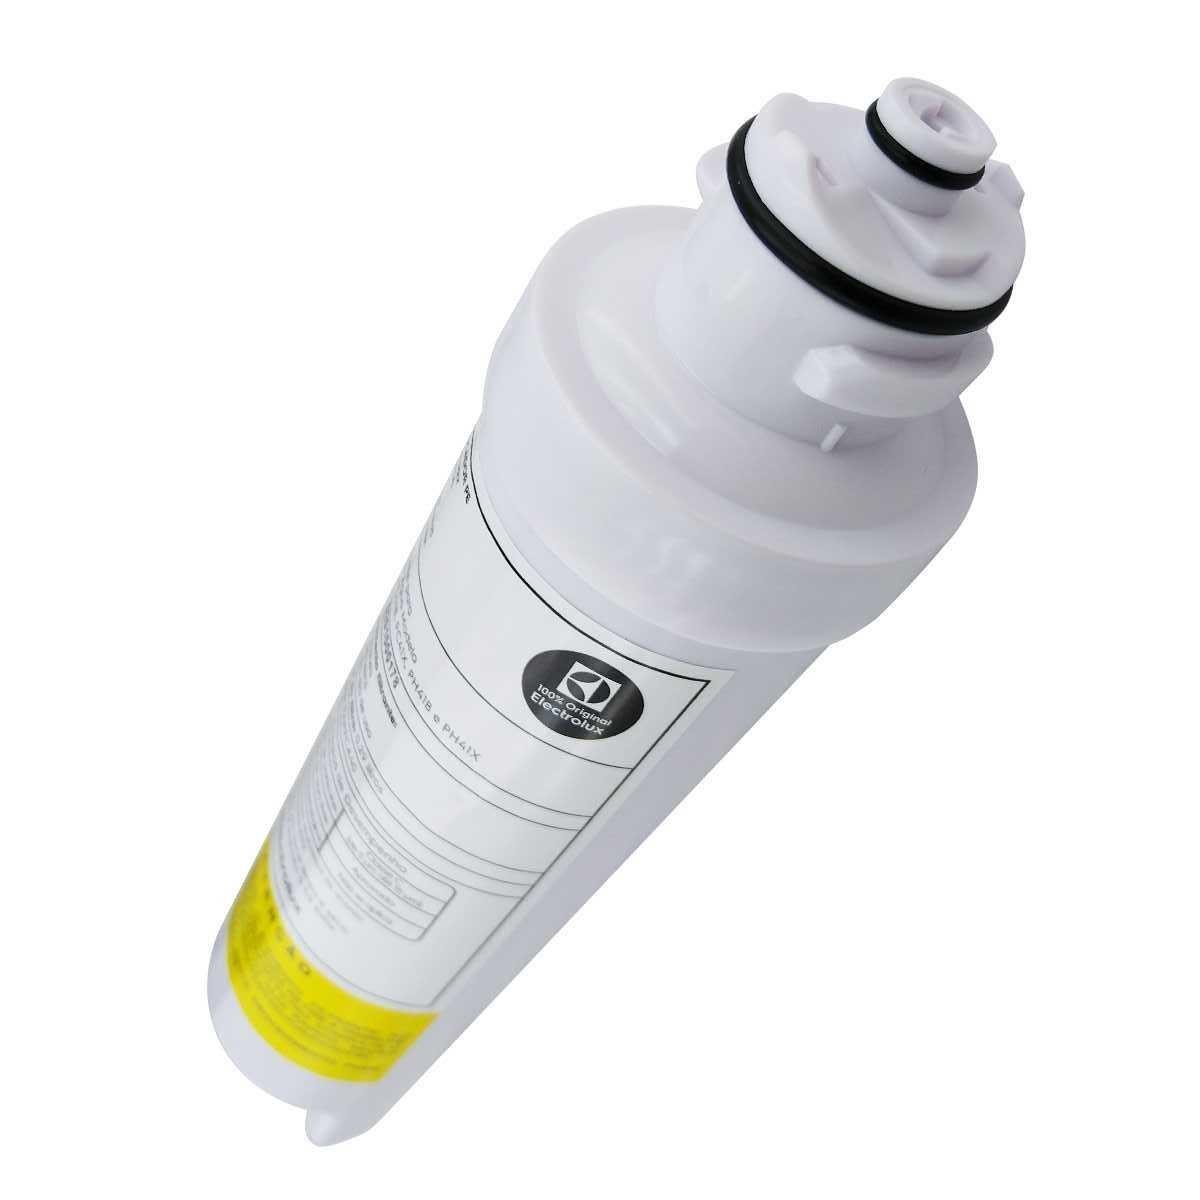 Refil filtro de agua do purificador Electrolux PE10B, PE10X